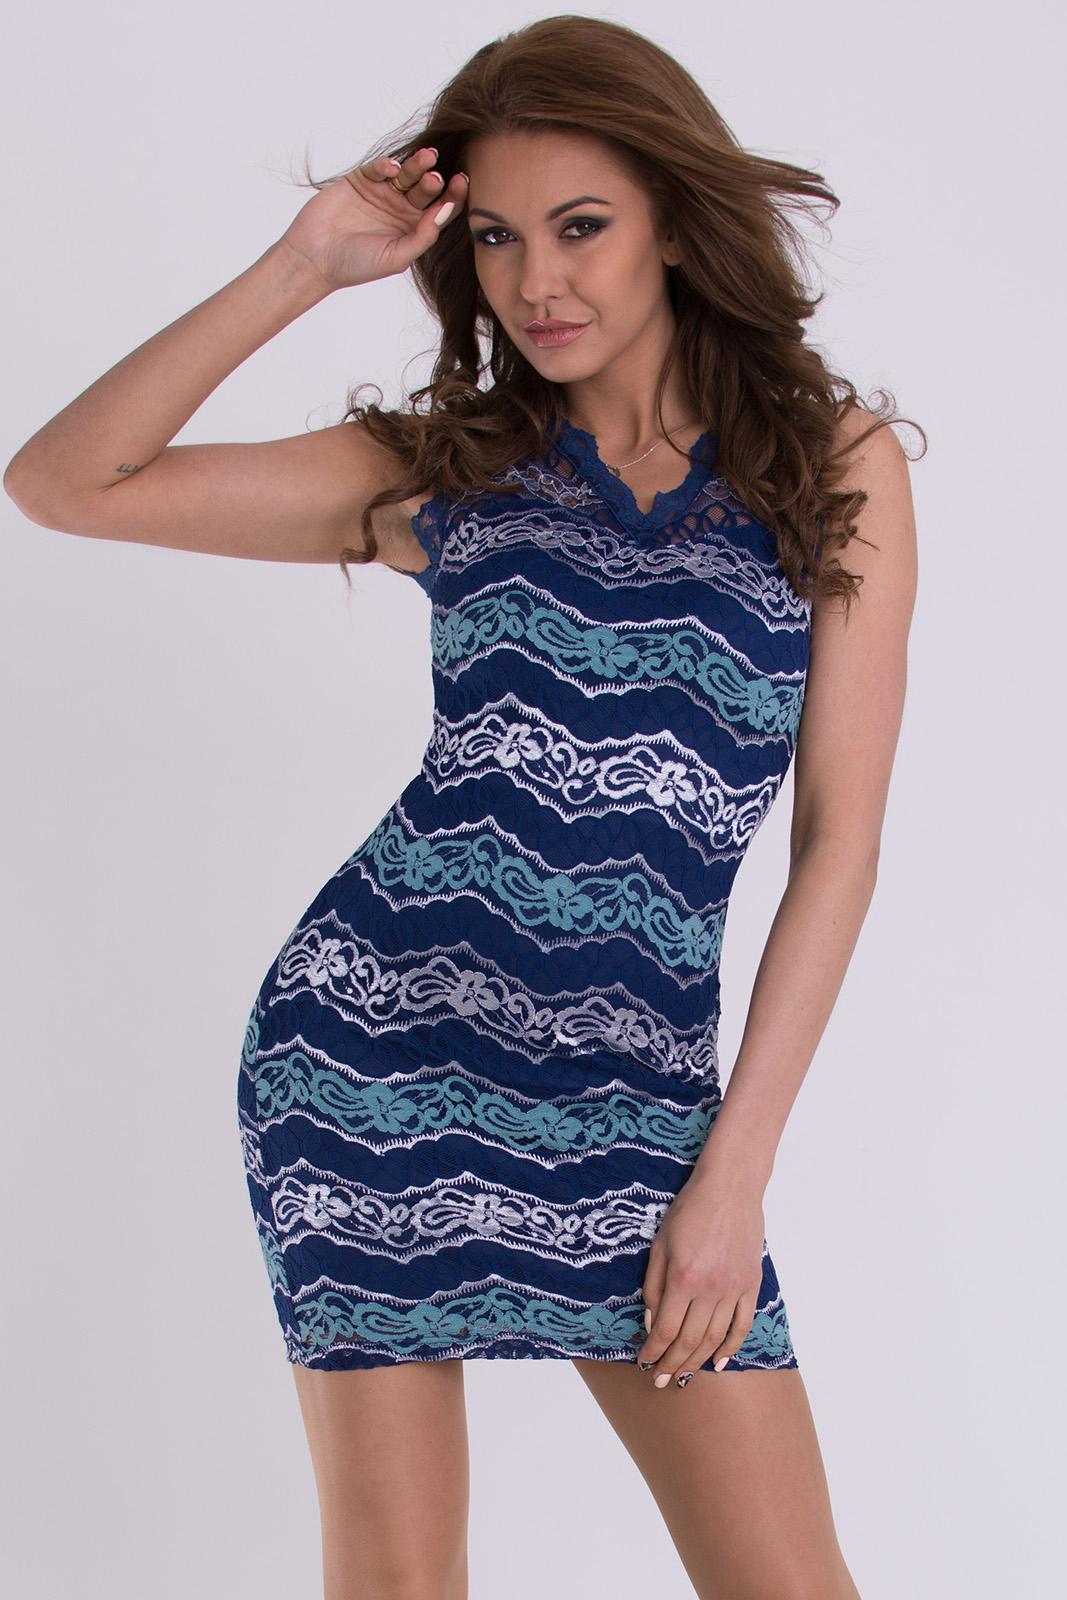 EMAMODA DRESS - NAVY BLUE 1300..